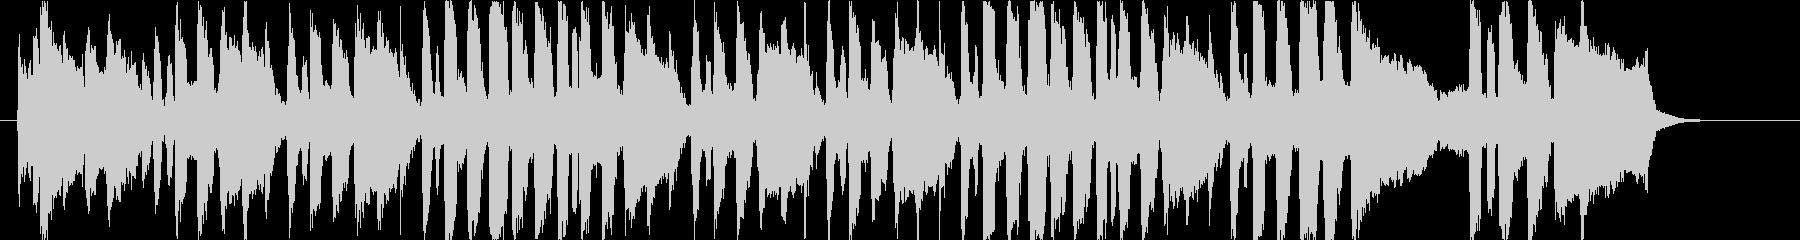 誕生日の歌(ワルツver) 【ゲン】の未再生の波形